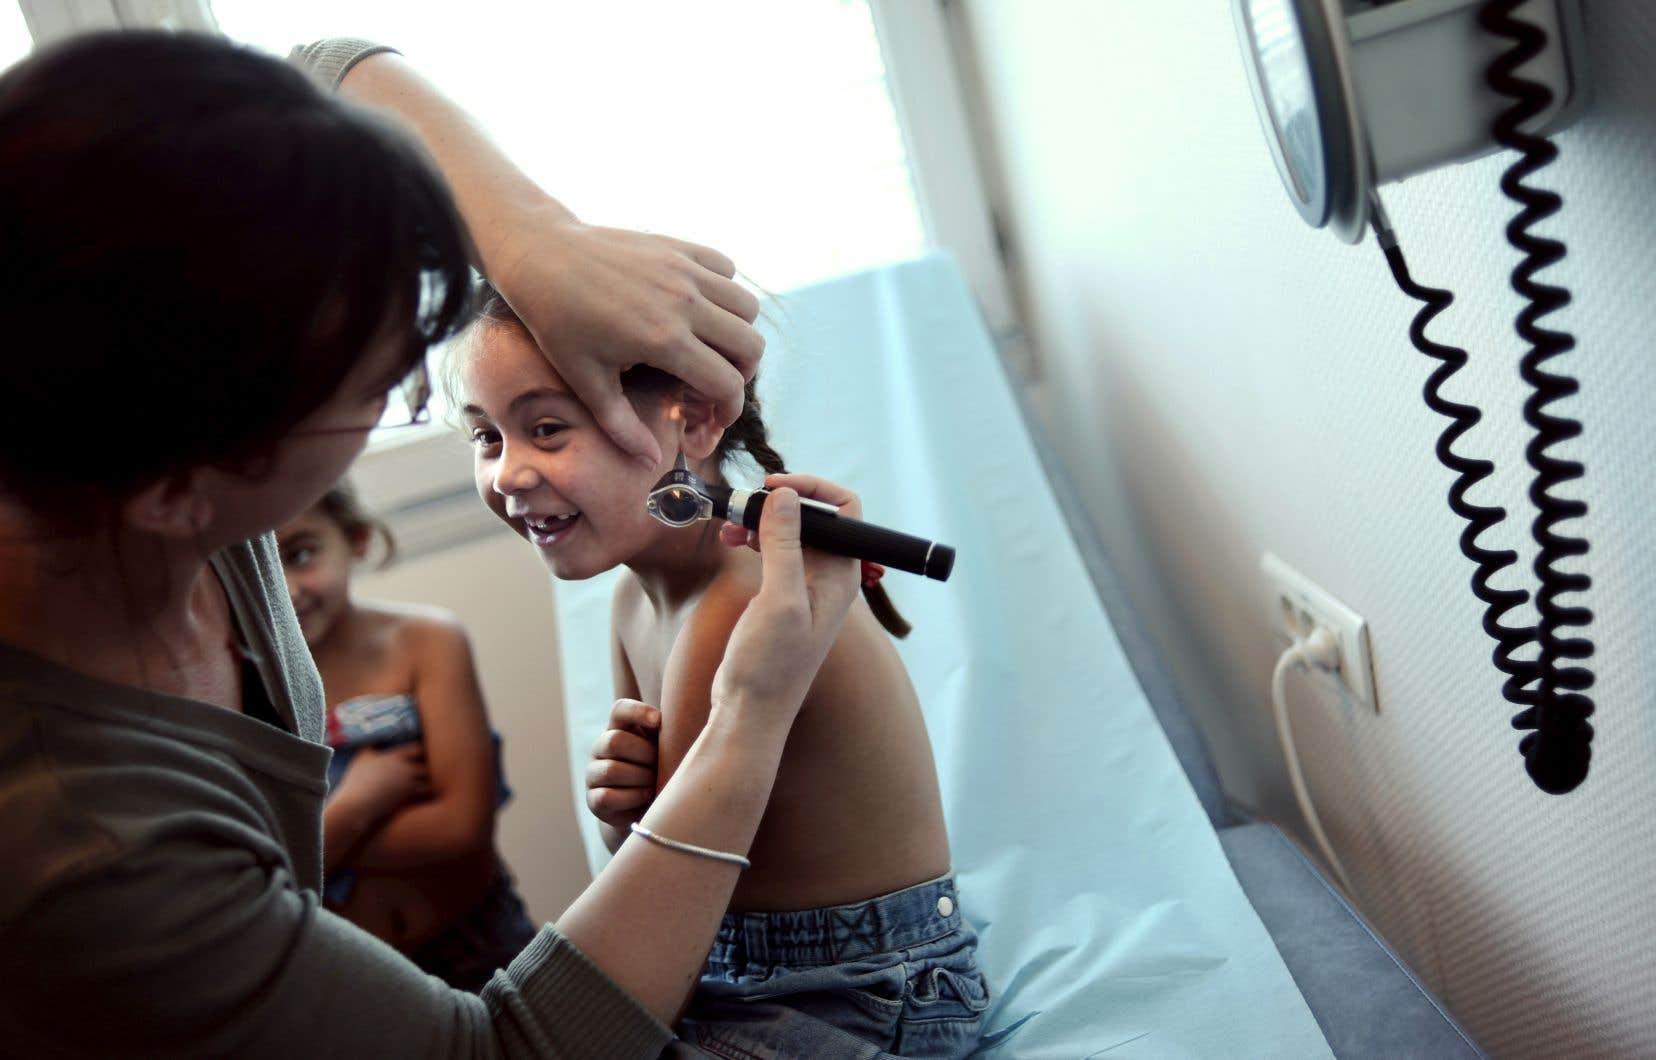 «En plus de diminuer les coûts en soins, une approche de santé durable permettrait d'économiser à long terme», affirment les auteurs.